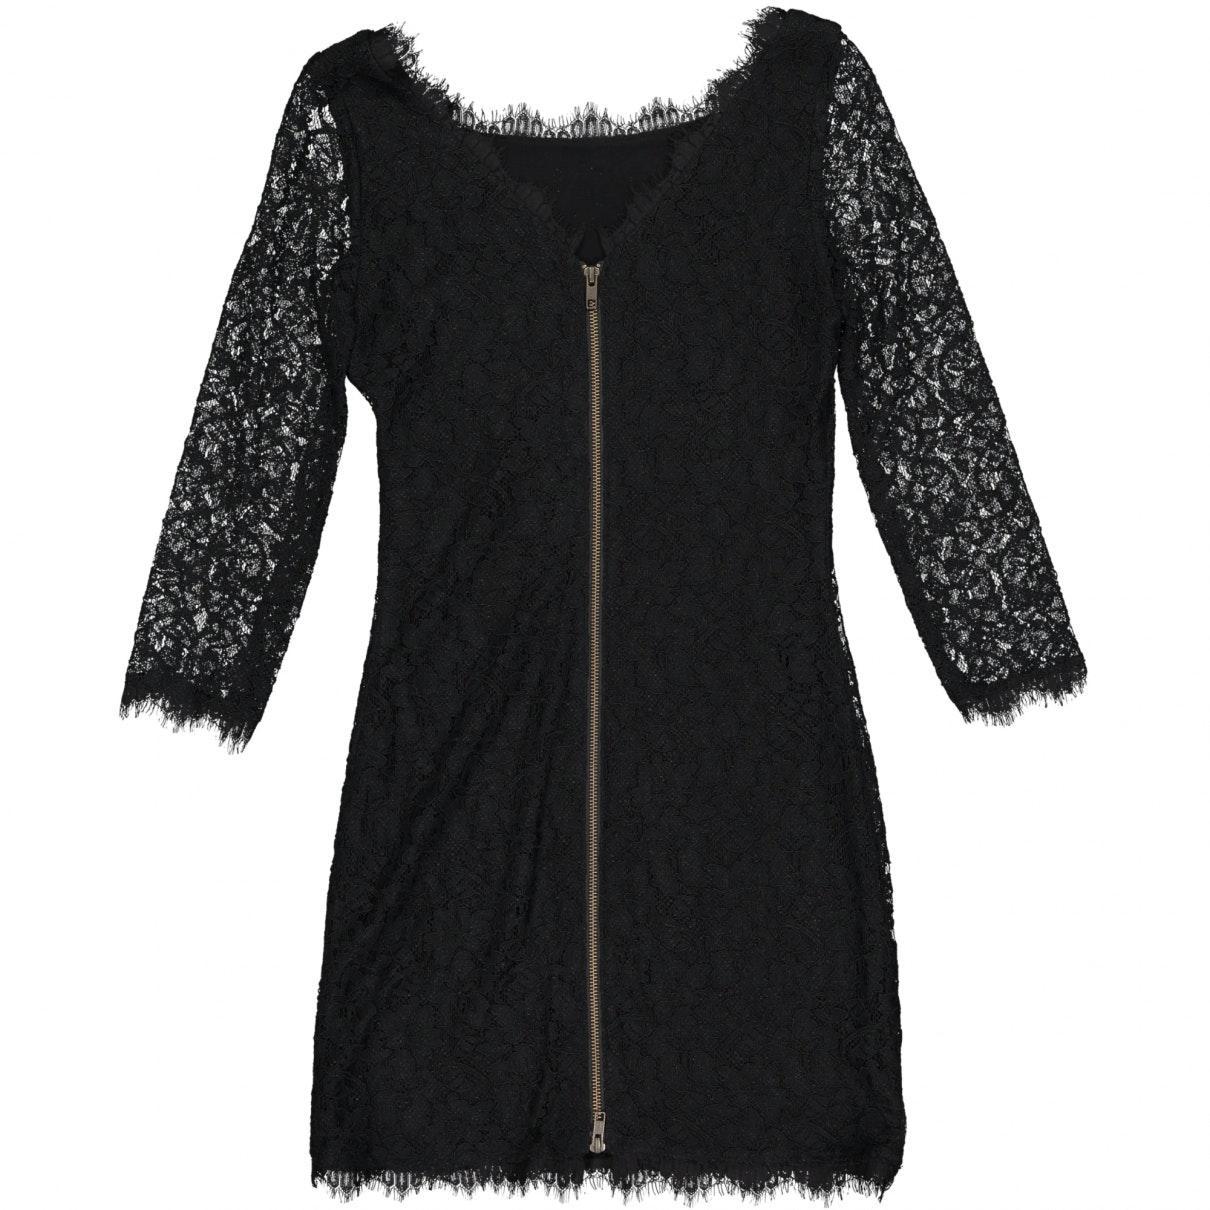 Robe en Synthétique Noir Dentelle Diane von Furstenberg en coloris Noir